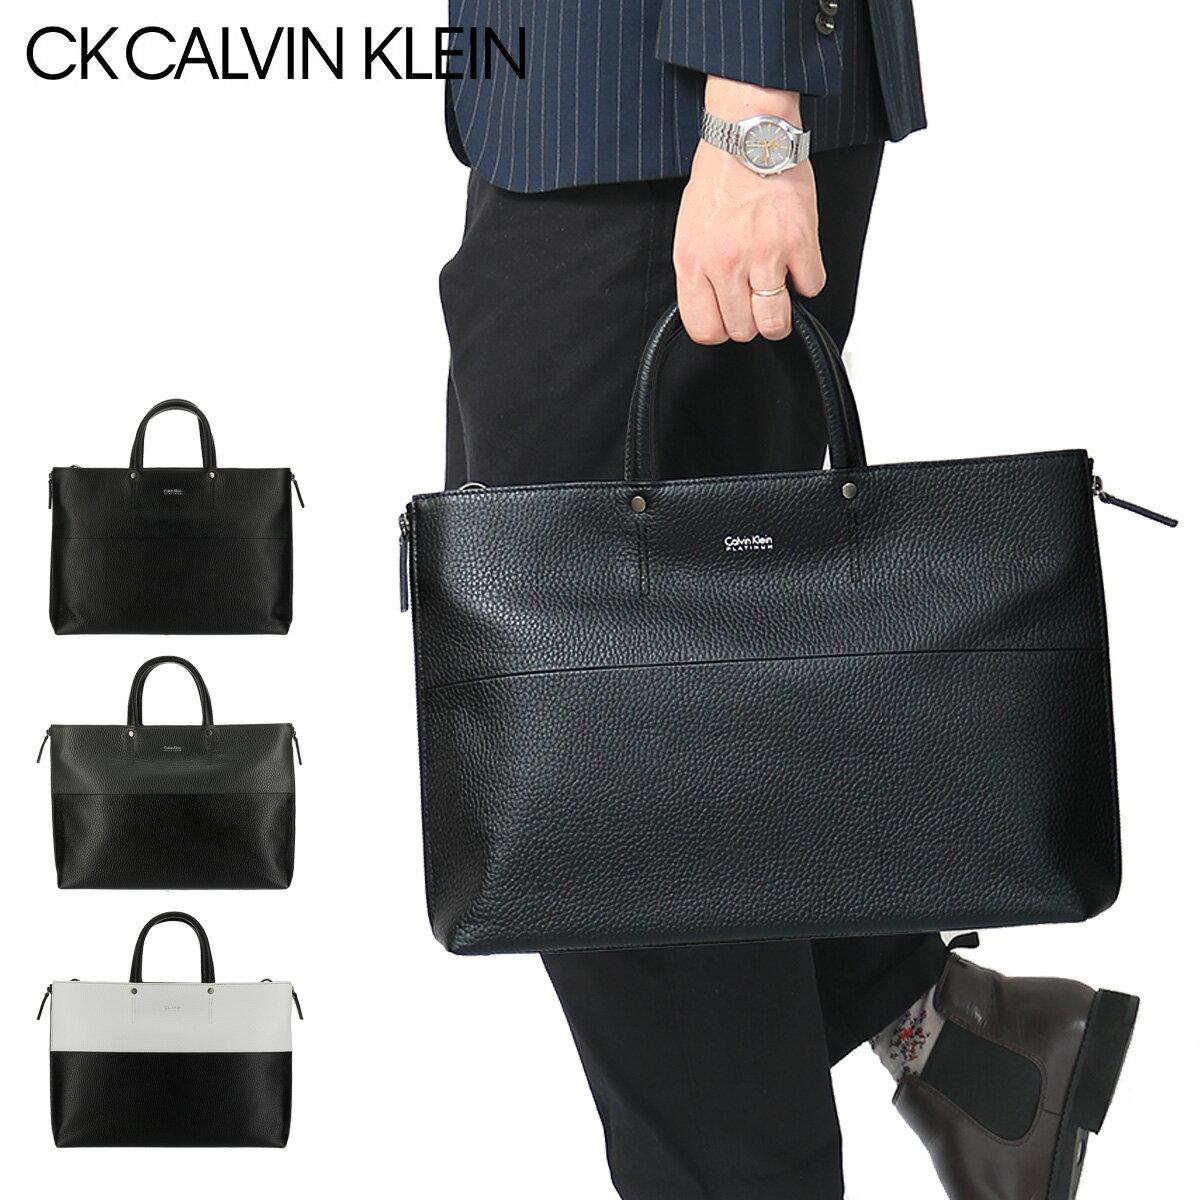 シーケーカルバンクライン ビジネスバッグ 2WAY A4 メンズ デュオ バイカラー 831501 CK CALVIN KLEIN ブリーフケース 拡張 本革 レザー 【PO5】【bef】